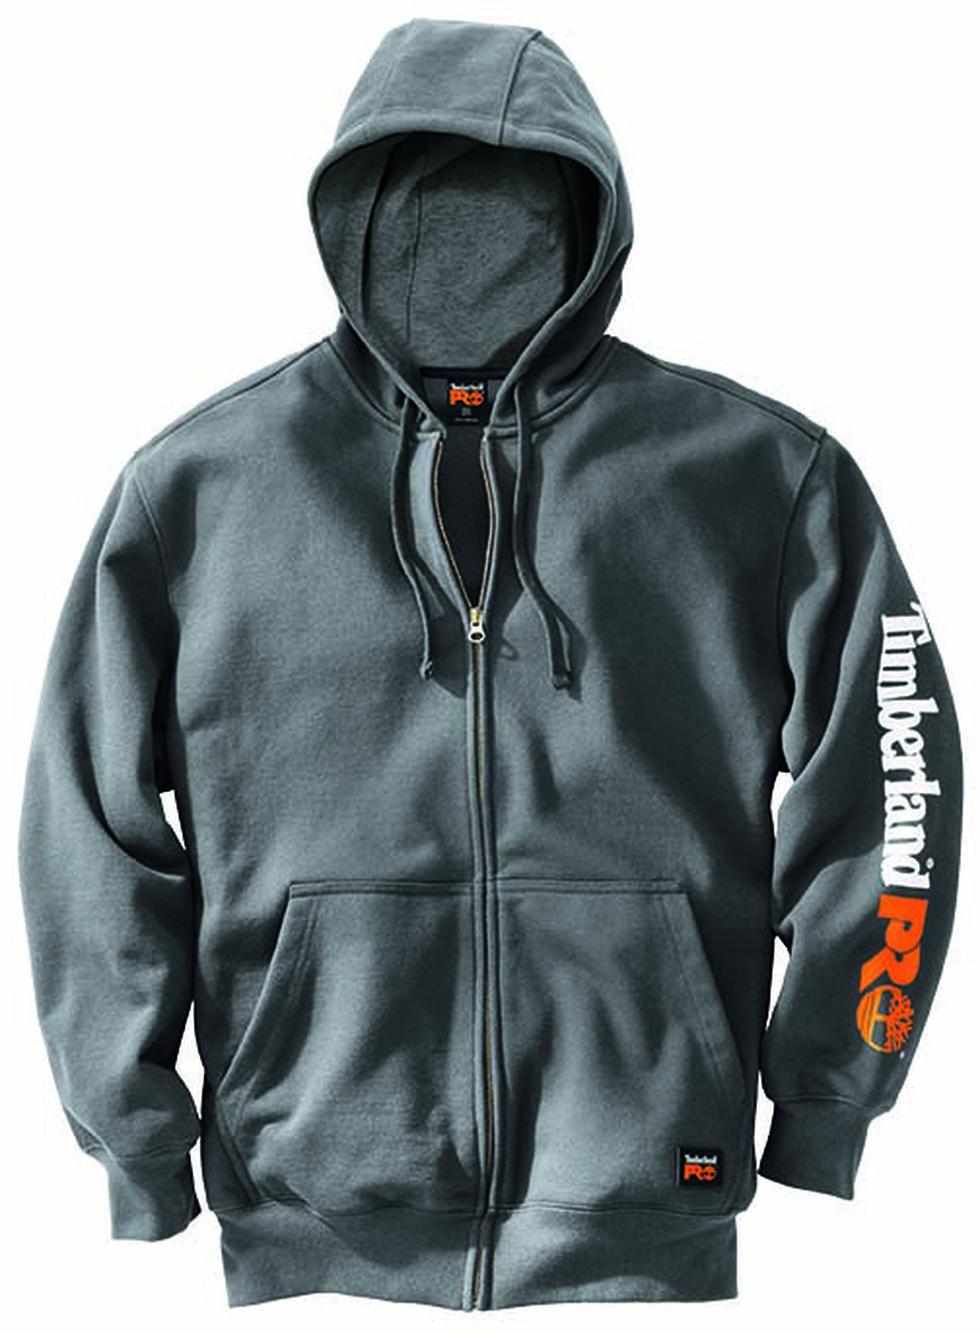 Timberland Pro Men's Hood Honcho Water-Repellent Full-Zip Hoodie, Charcoal Grey, hi-res